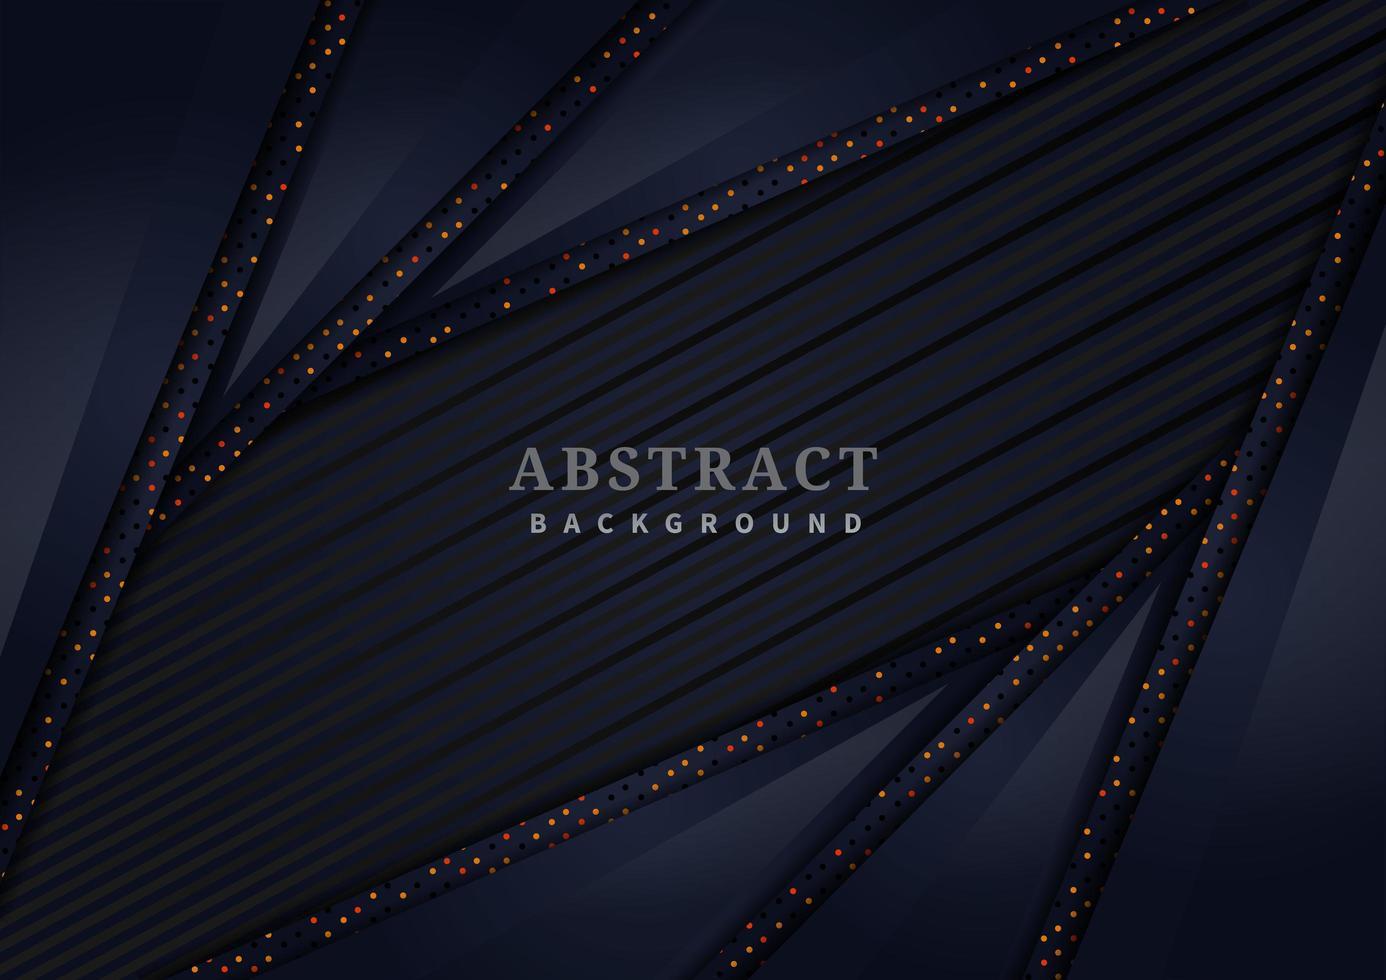 abstrakte dunkelblaue schmale überlappende Formen mit Glitzerhintergrund vektor